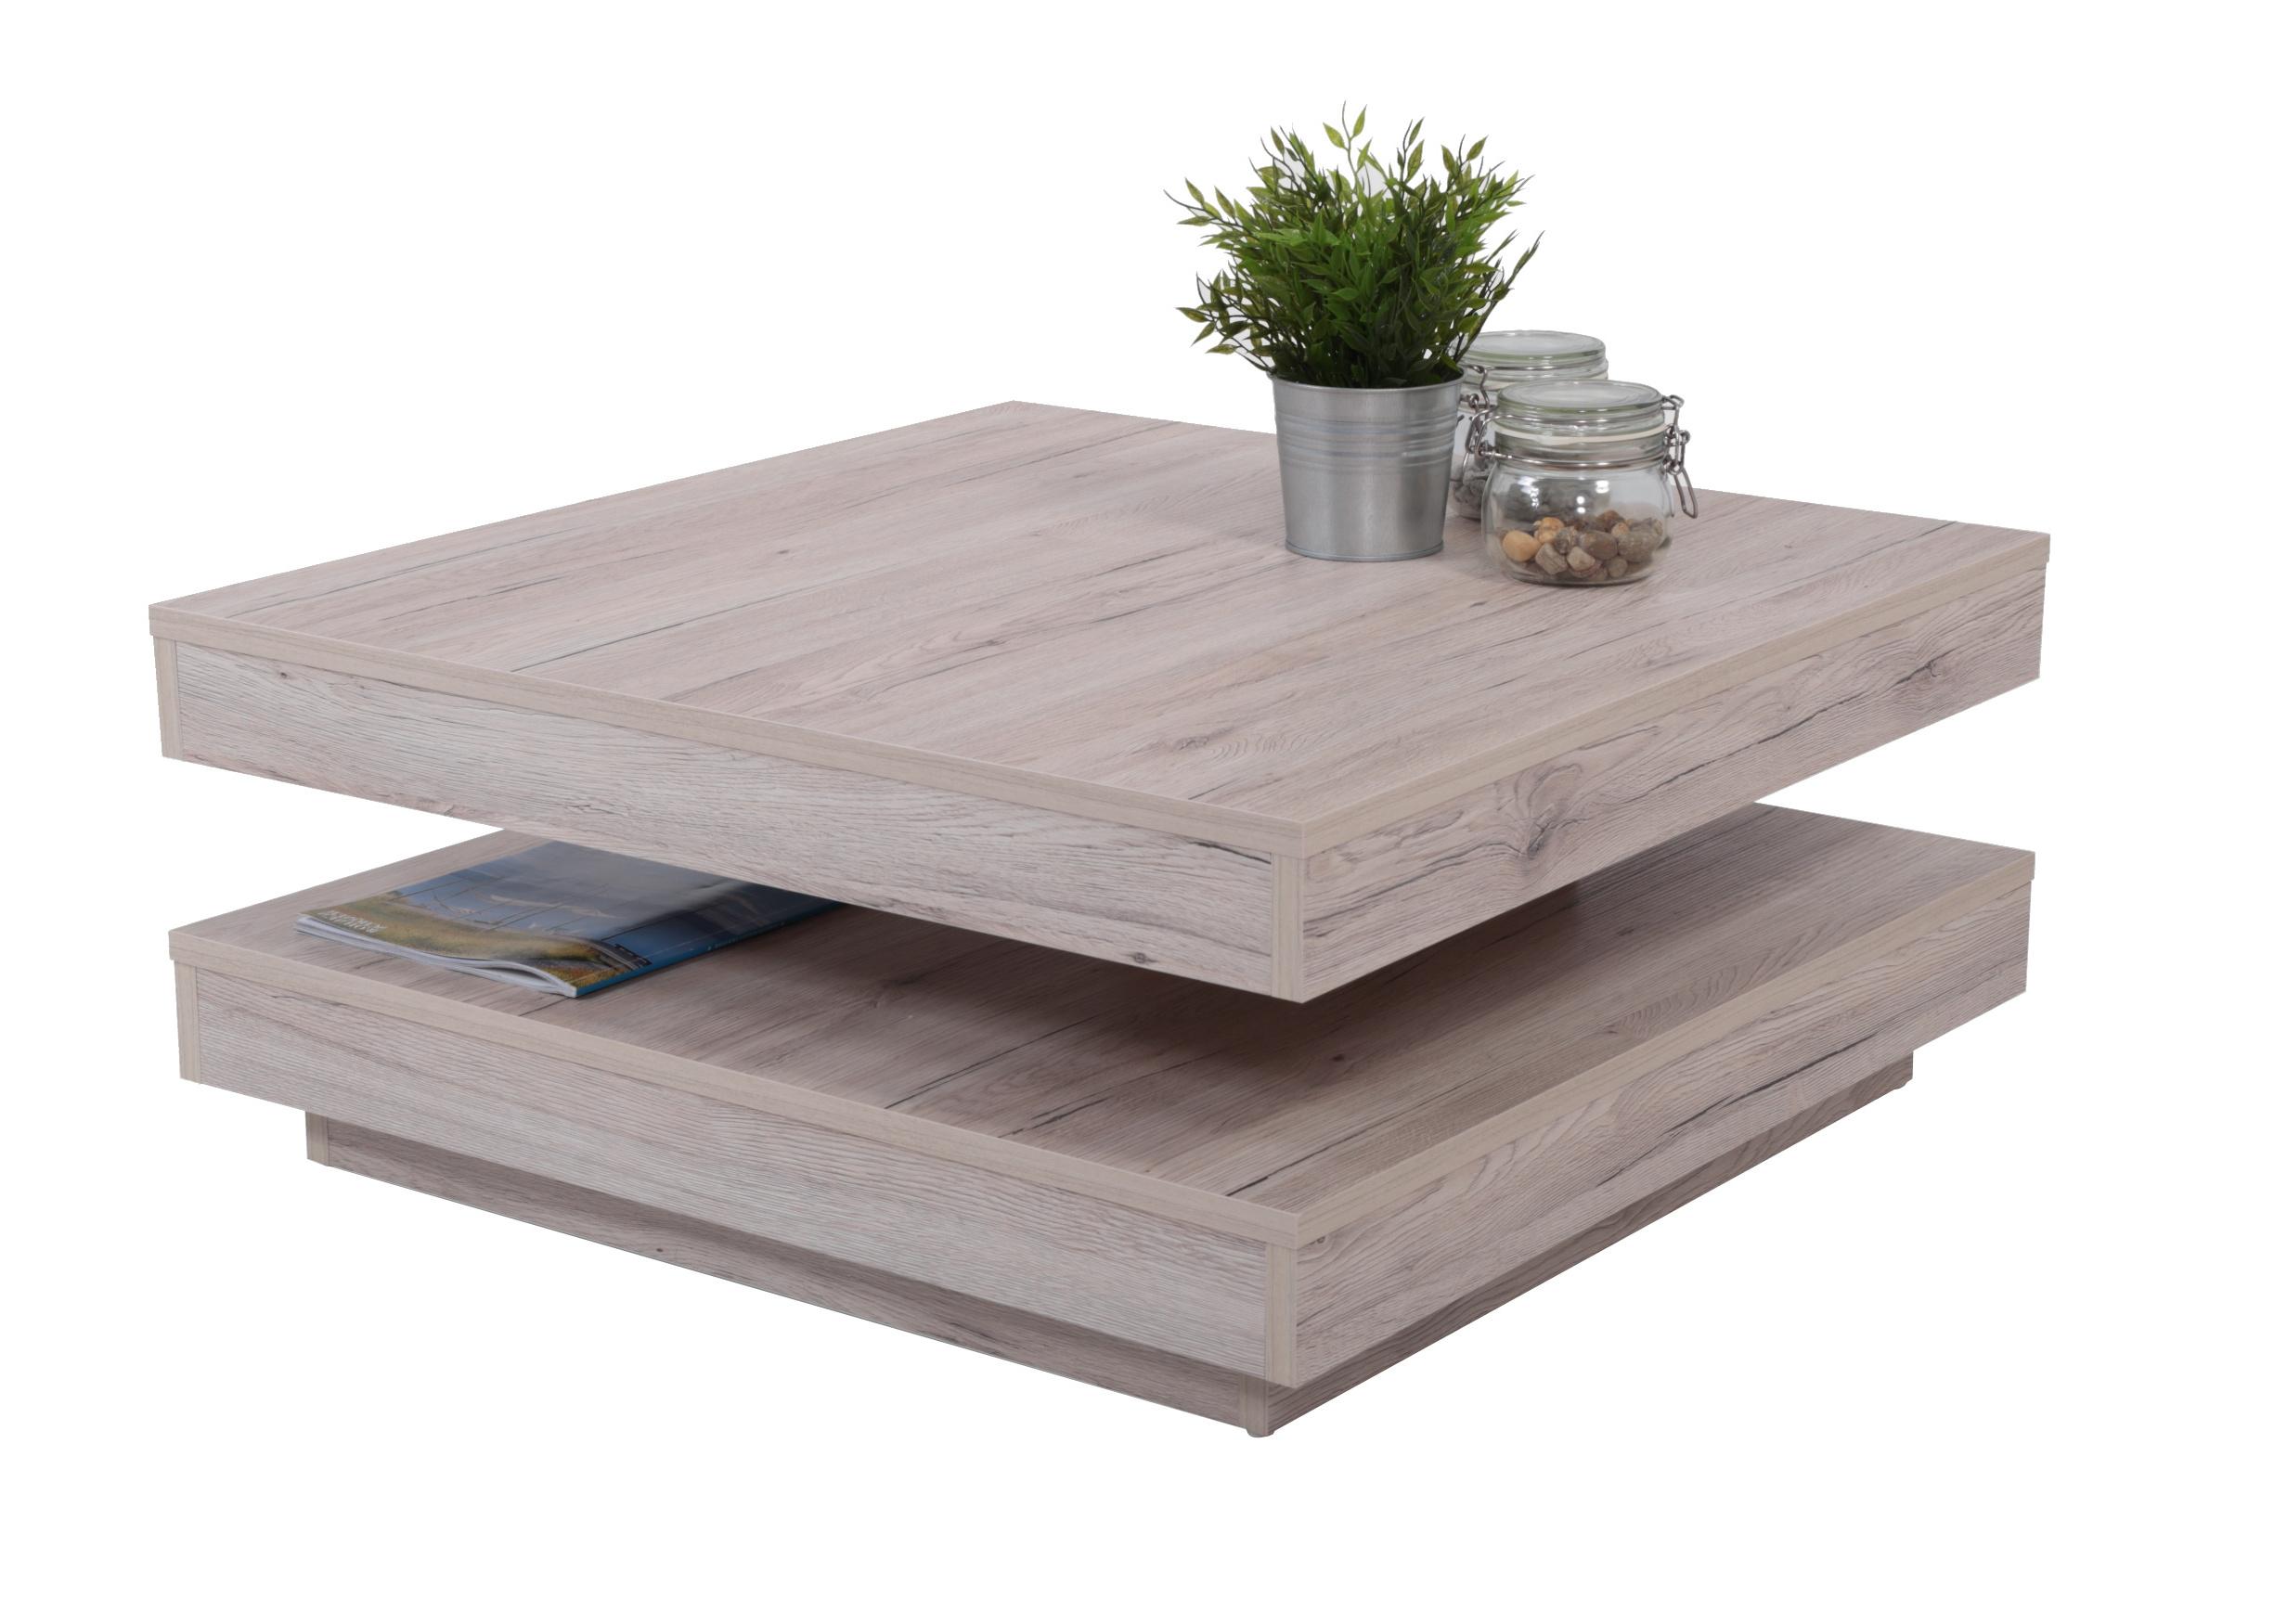 couchtisch ben mit drehbarer tischplatte 78 x 78 cm eiche sand wohnen couchtische. Black Bedroom Furniture Sets. Home Design Ideas